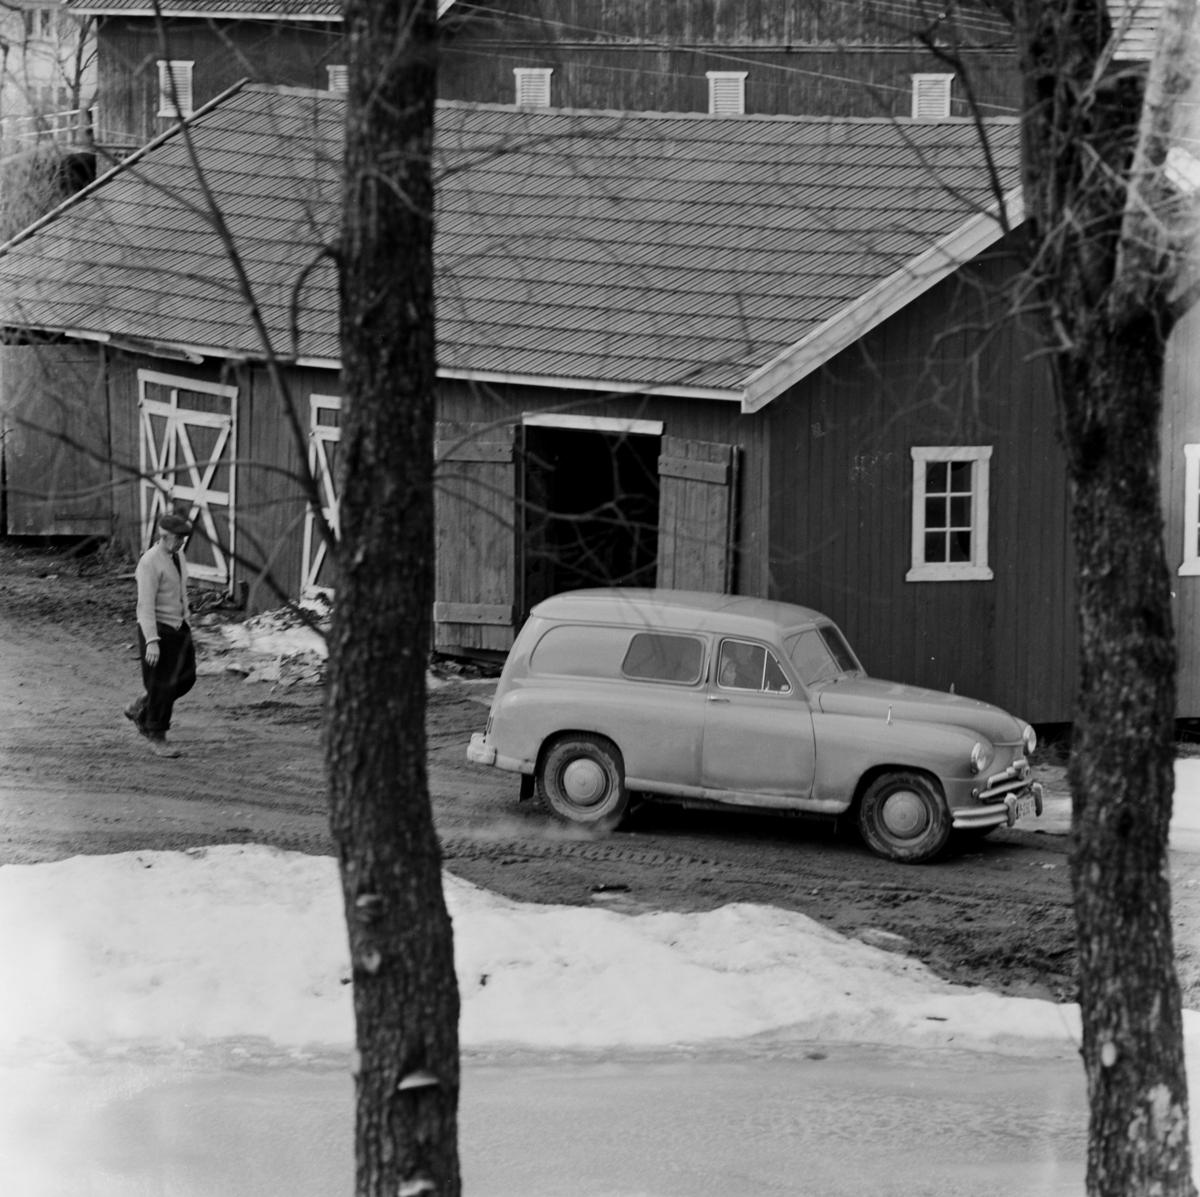 Bil på tunet, Sørum gård. Standard Vanguard varebil fra 1950 tallet.